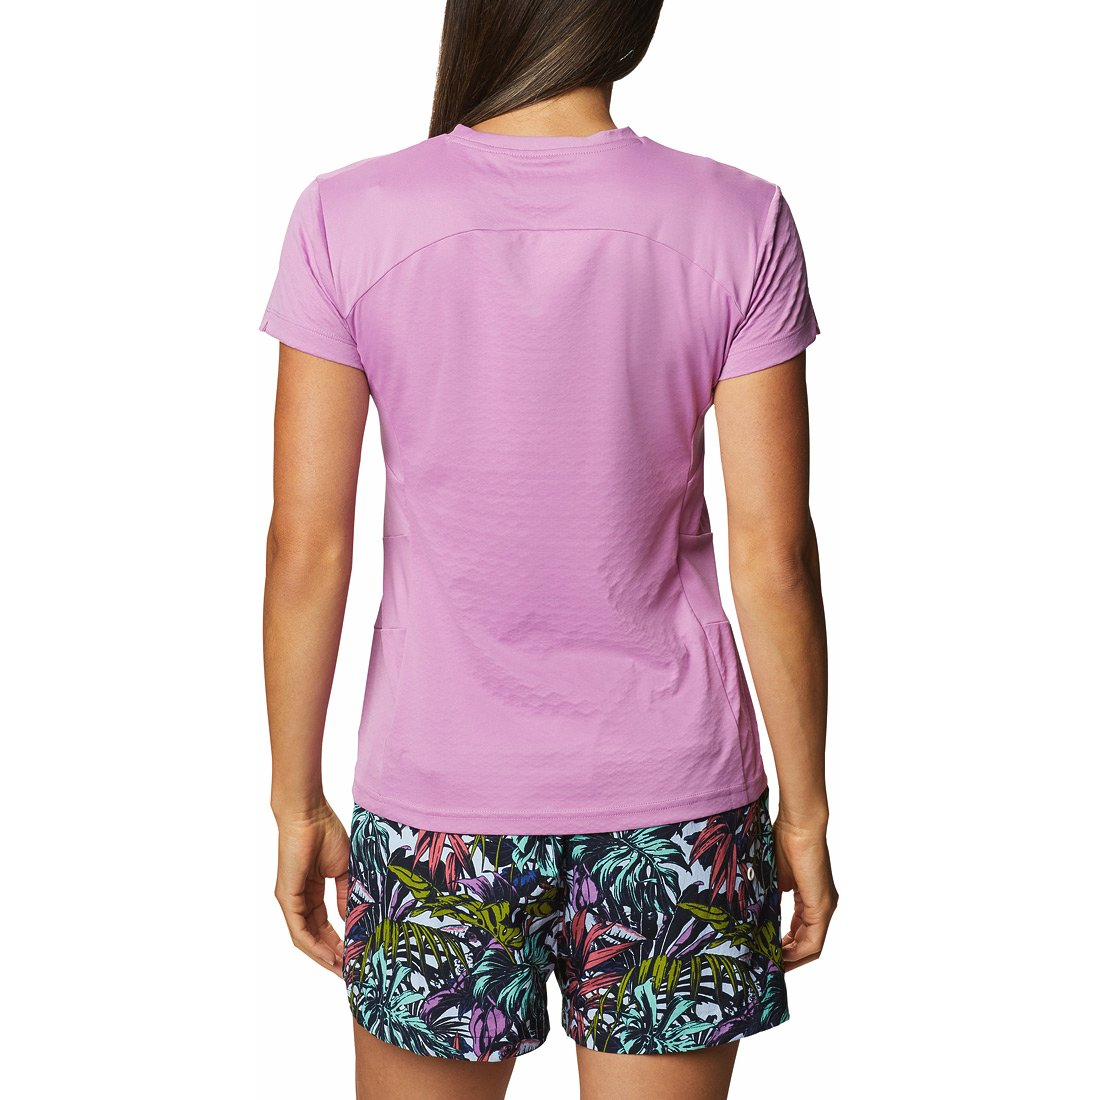 חולצה קצרה לנשים - W Zero Ice Cirro-cool S/S - Columbia